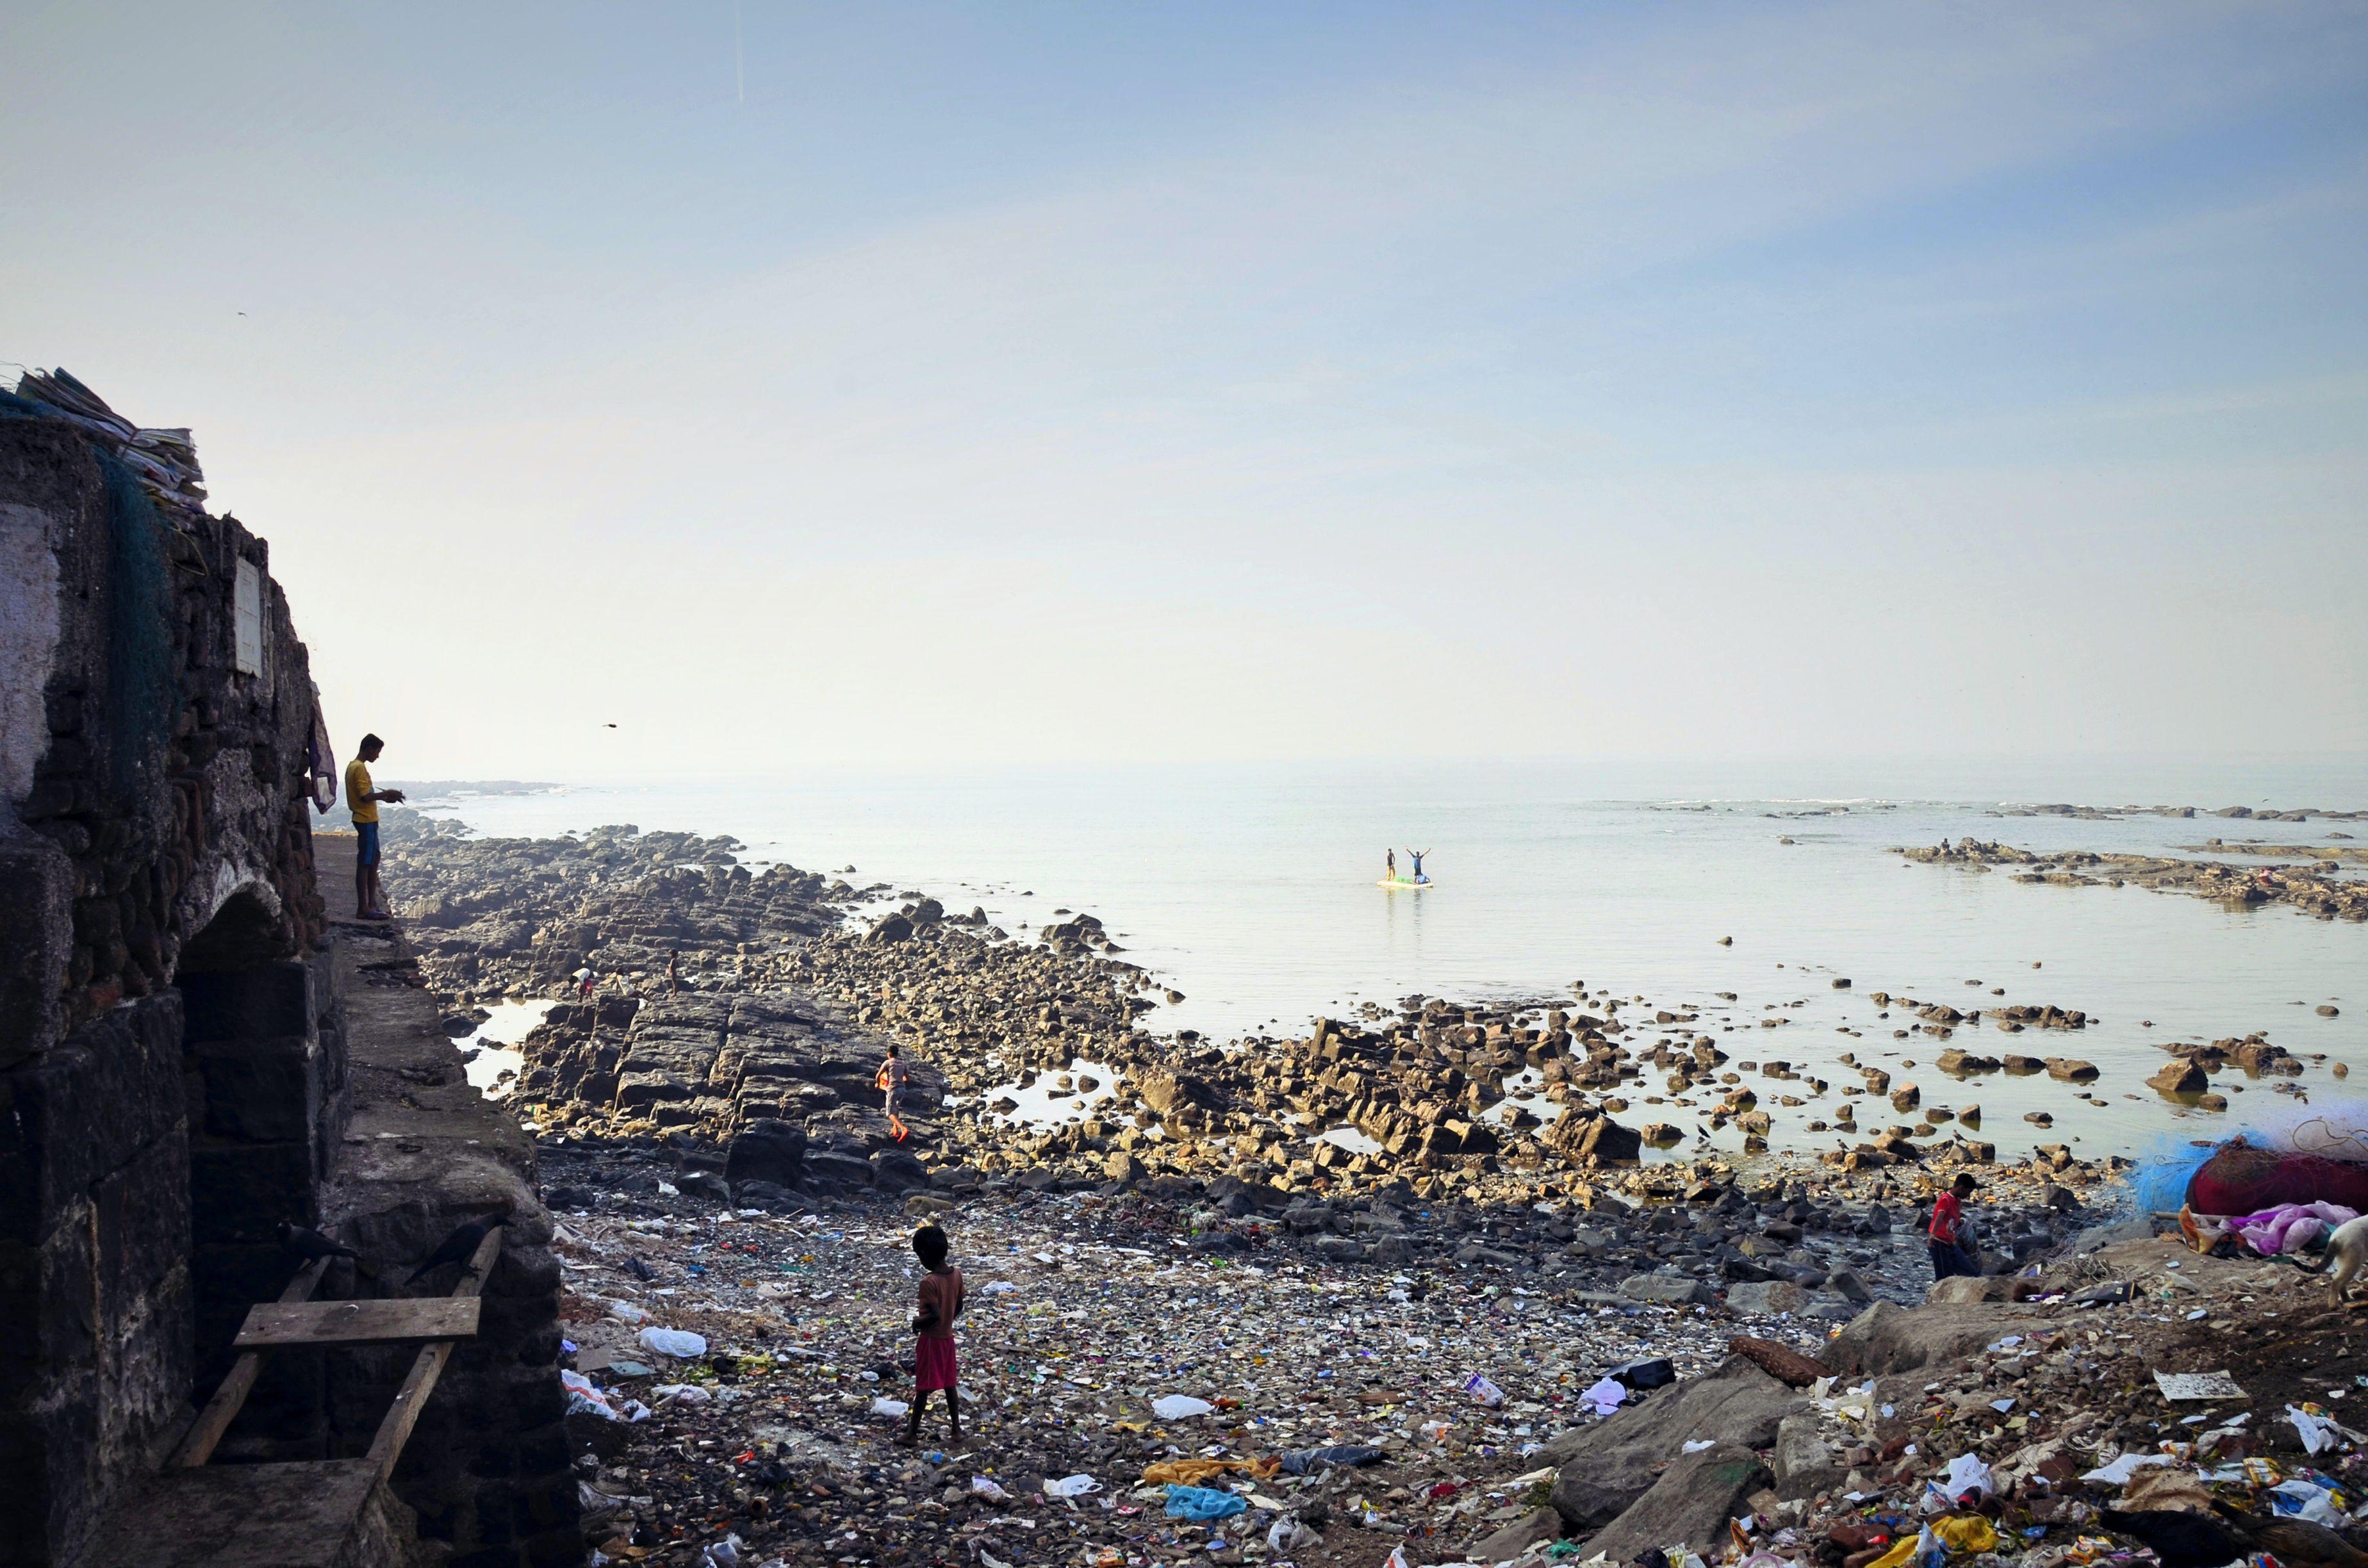 Panjabi dharamshala (links) und das Meer mit Blick auf Slum.